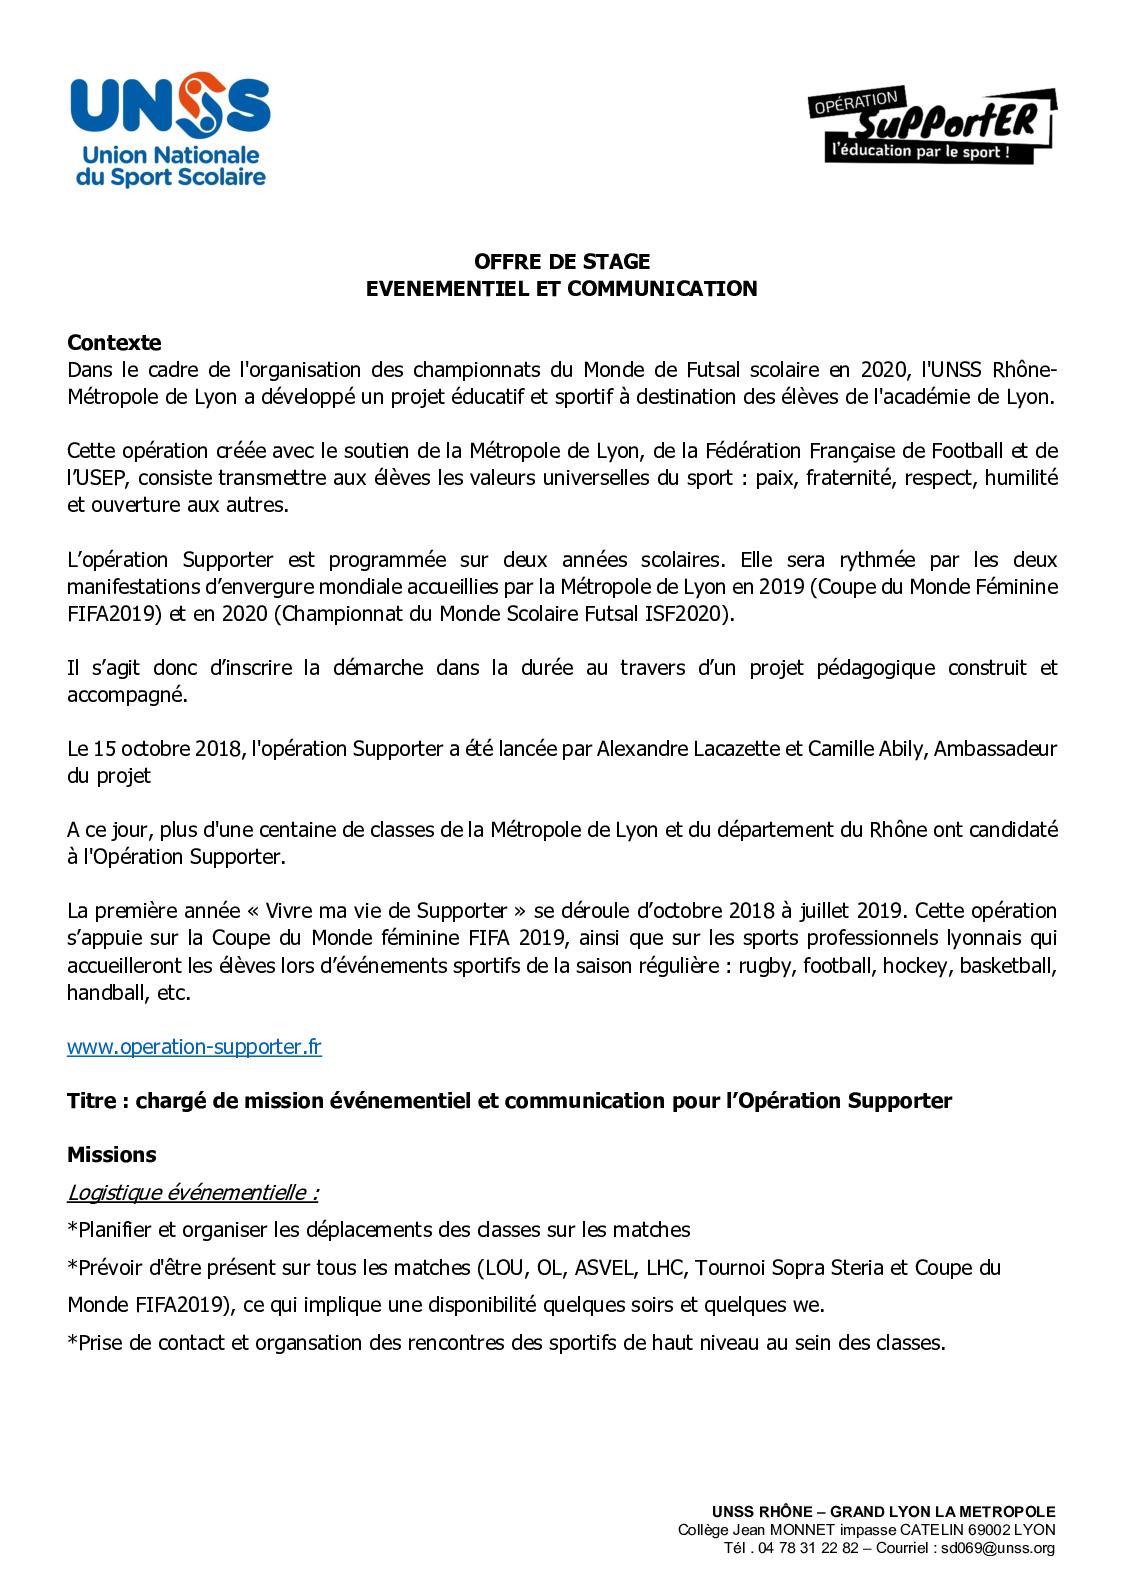 Calaméo Unss Offre De Stage Chargé De Mission Opé Supporter